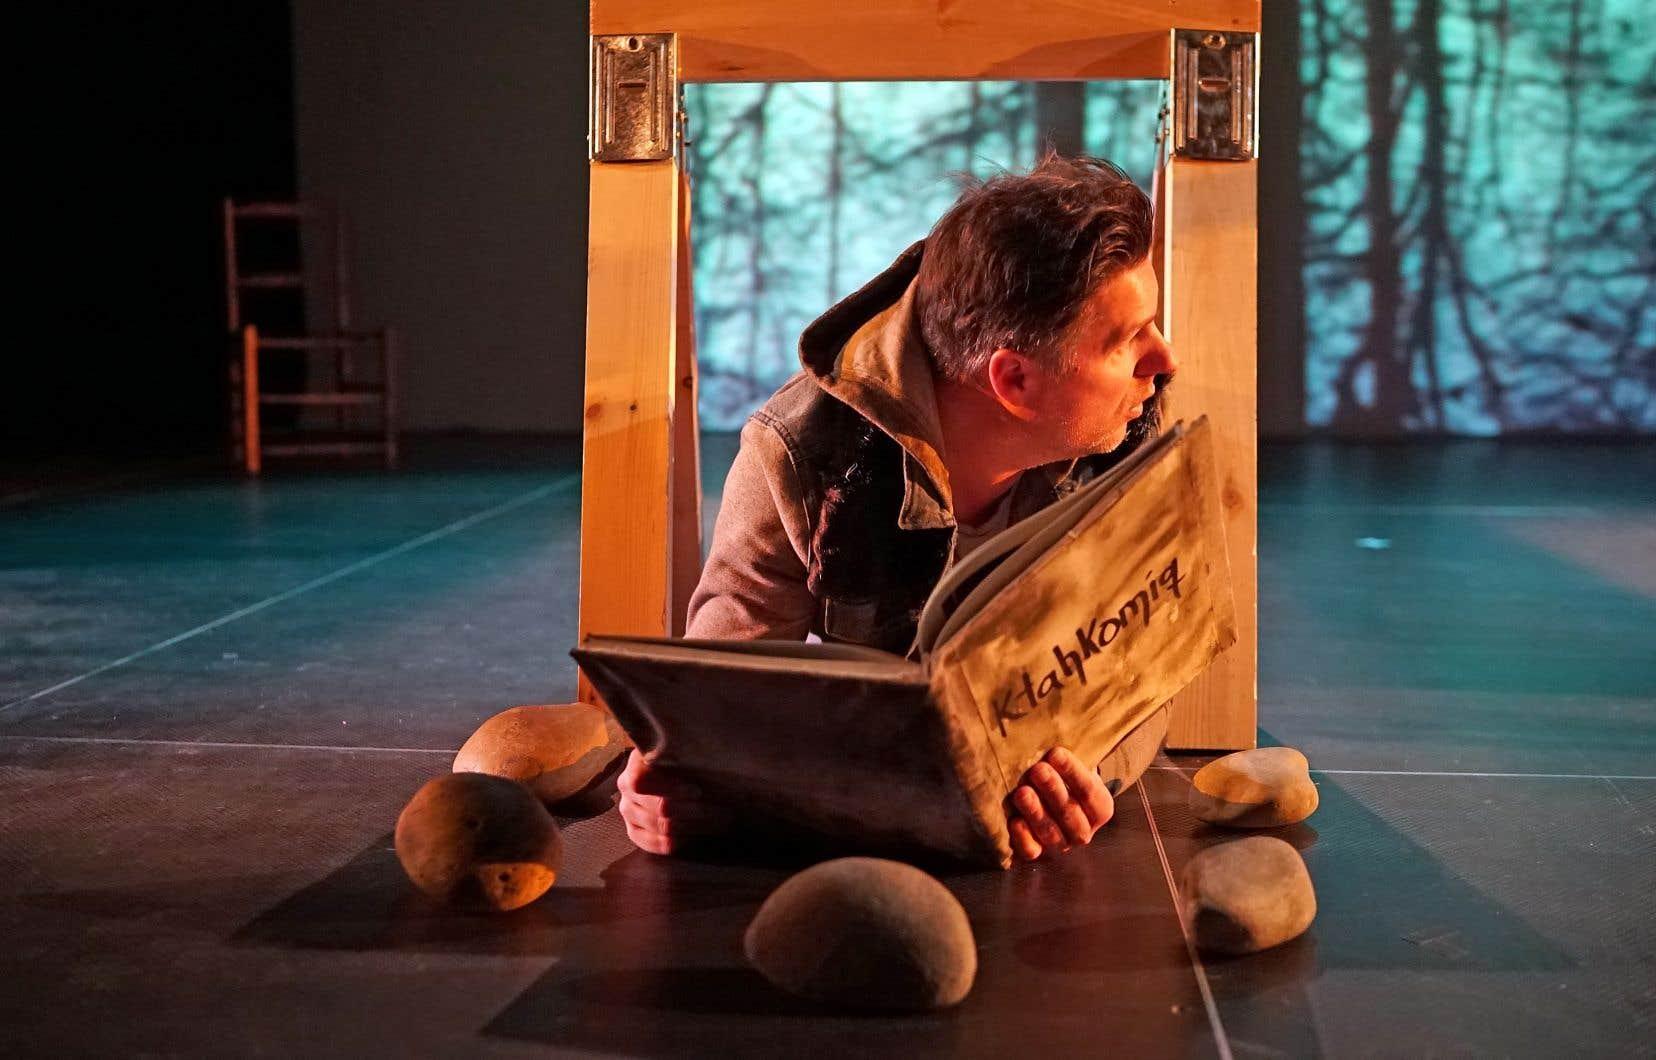 Le Conseil des arts du Canada utilise son financement pour encourager les compagnies à favoriser l'inclusion, notamment des arts et de la création autochtones. Ci-dessus, le spectacle «Ktahkomiq» de la Compagnie de théâtre Ondinnok lors du Printemps autochtone 3, à Montréal, en 2017.